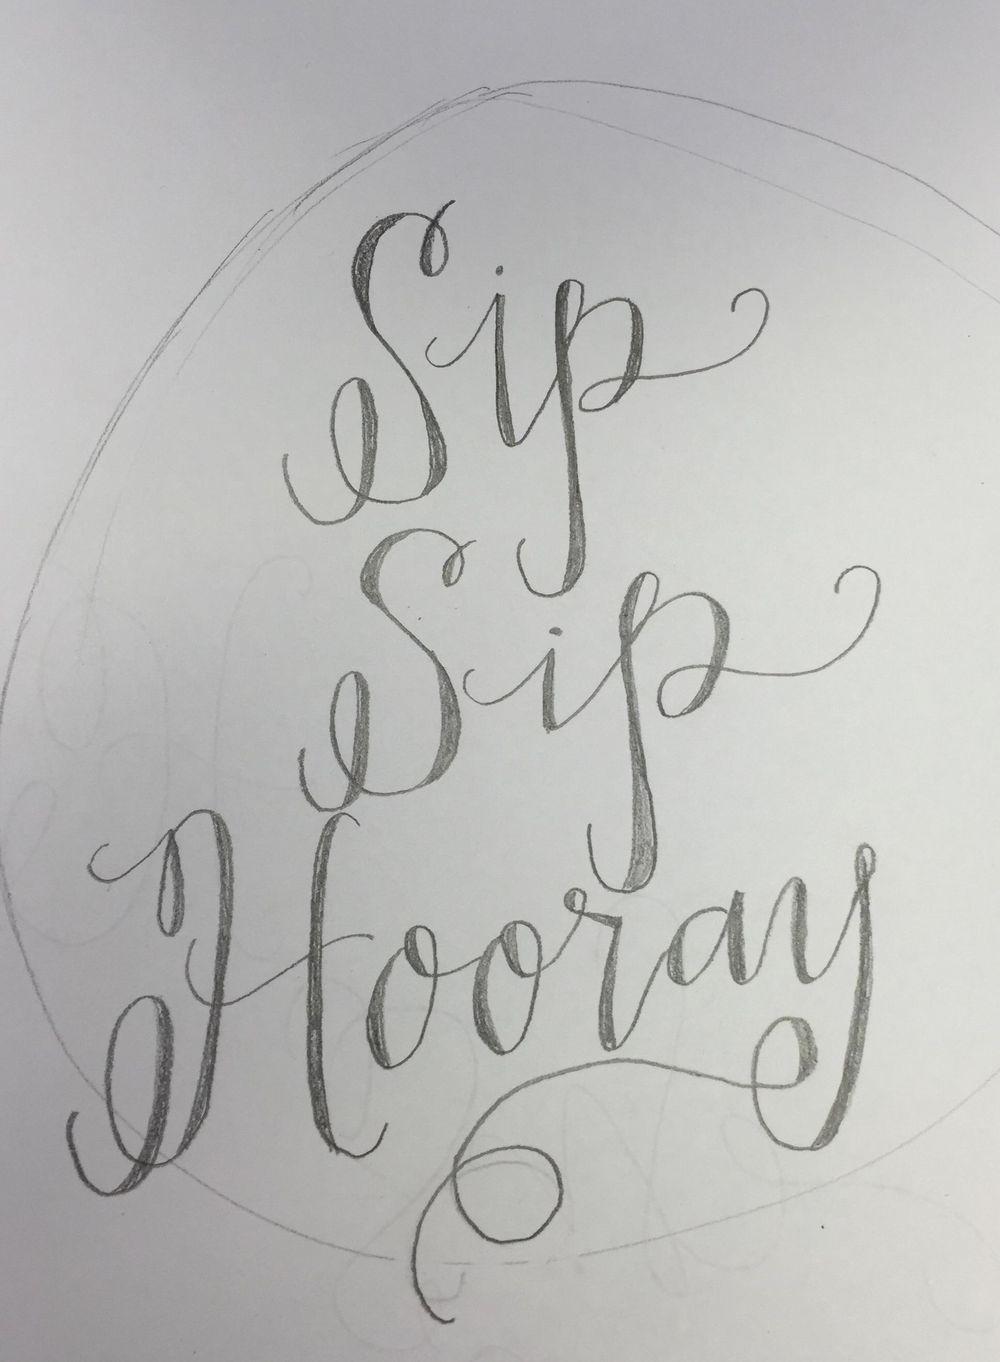 Sip Sip Hooray Mirror - image 1 - student project